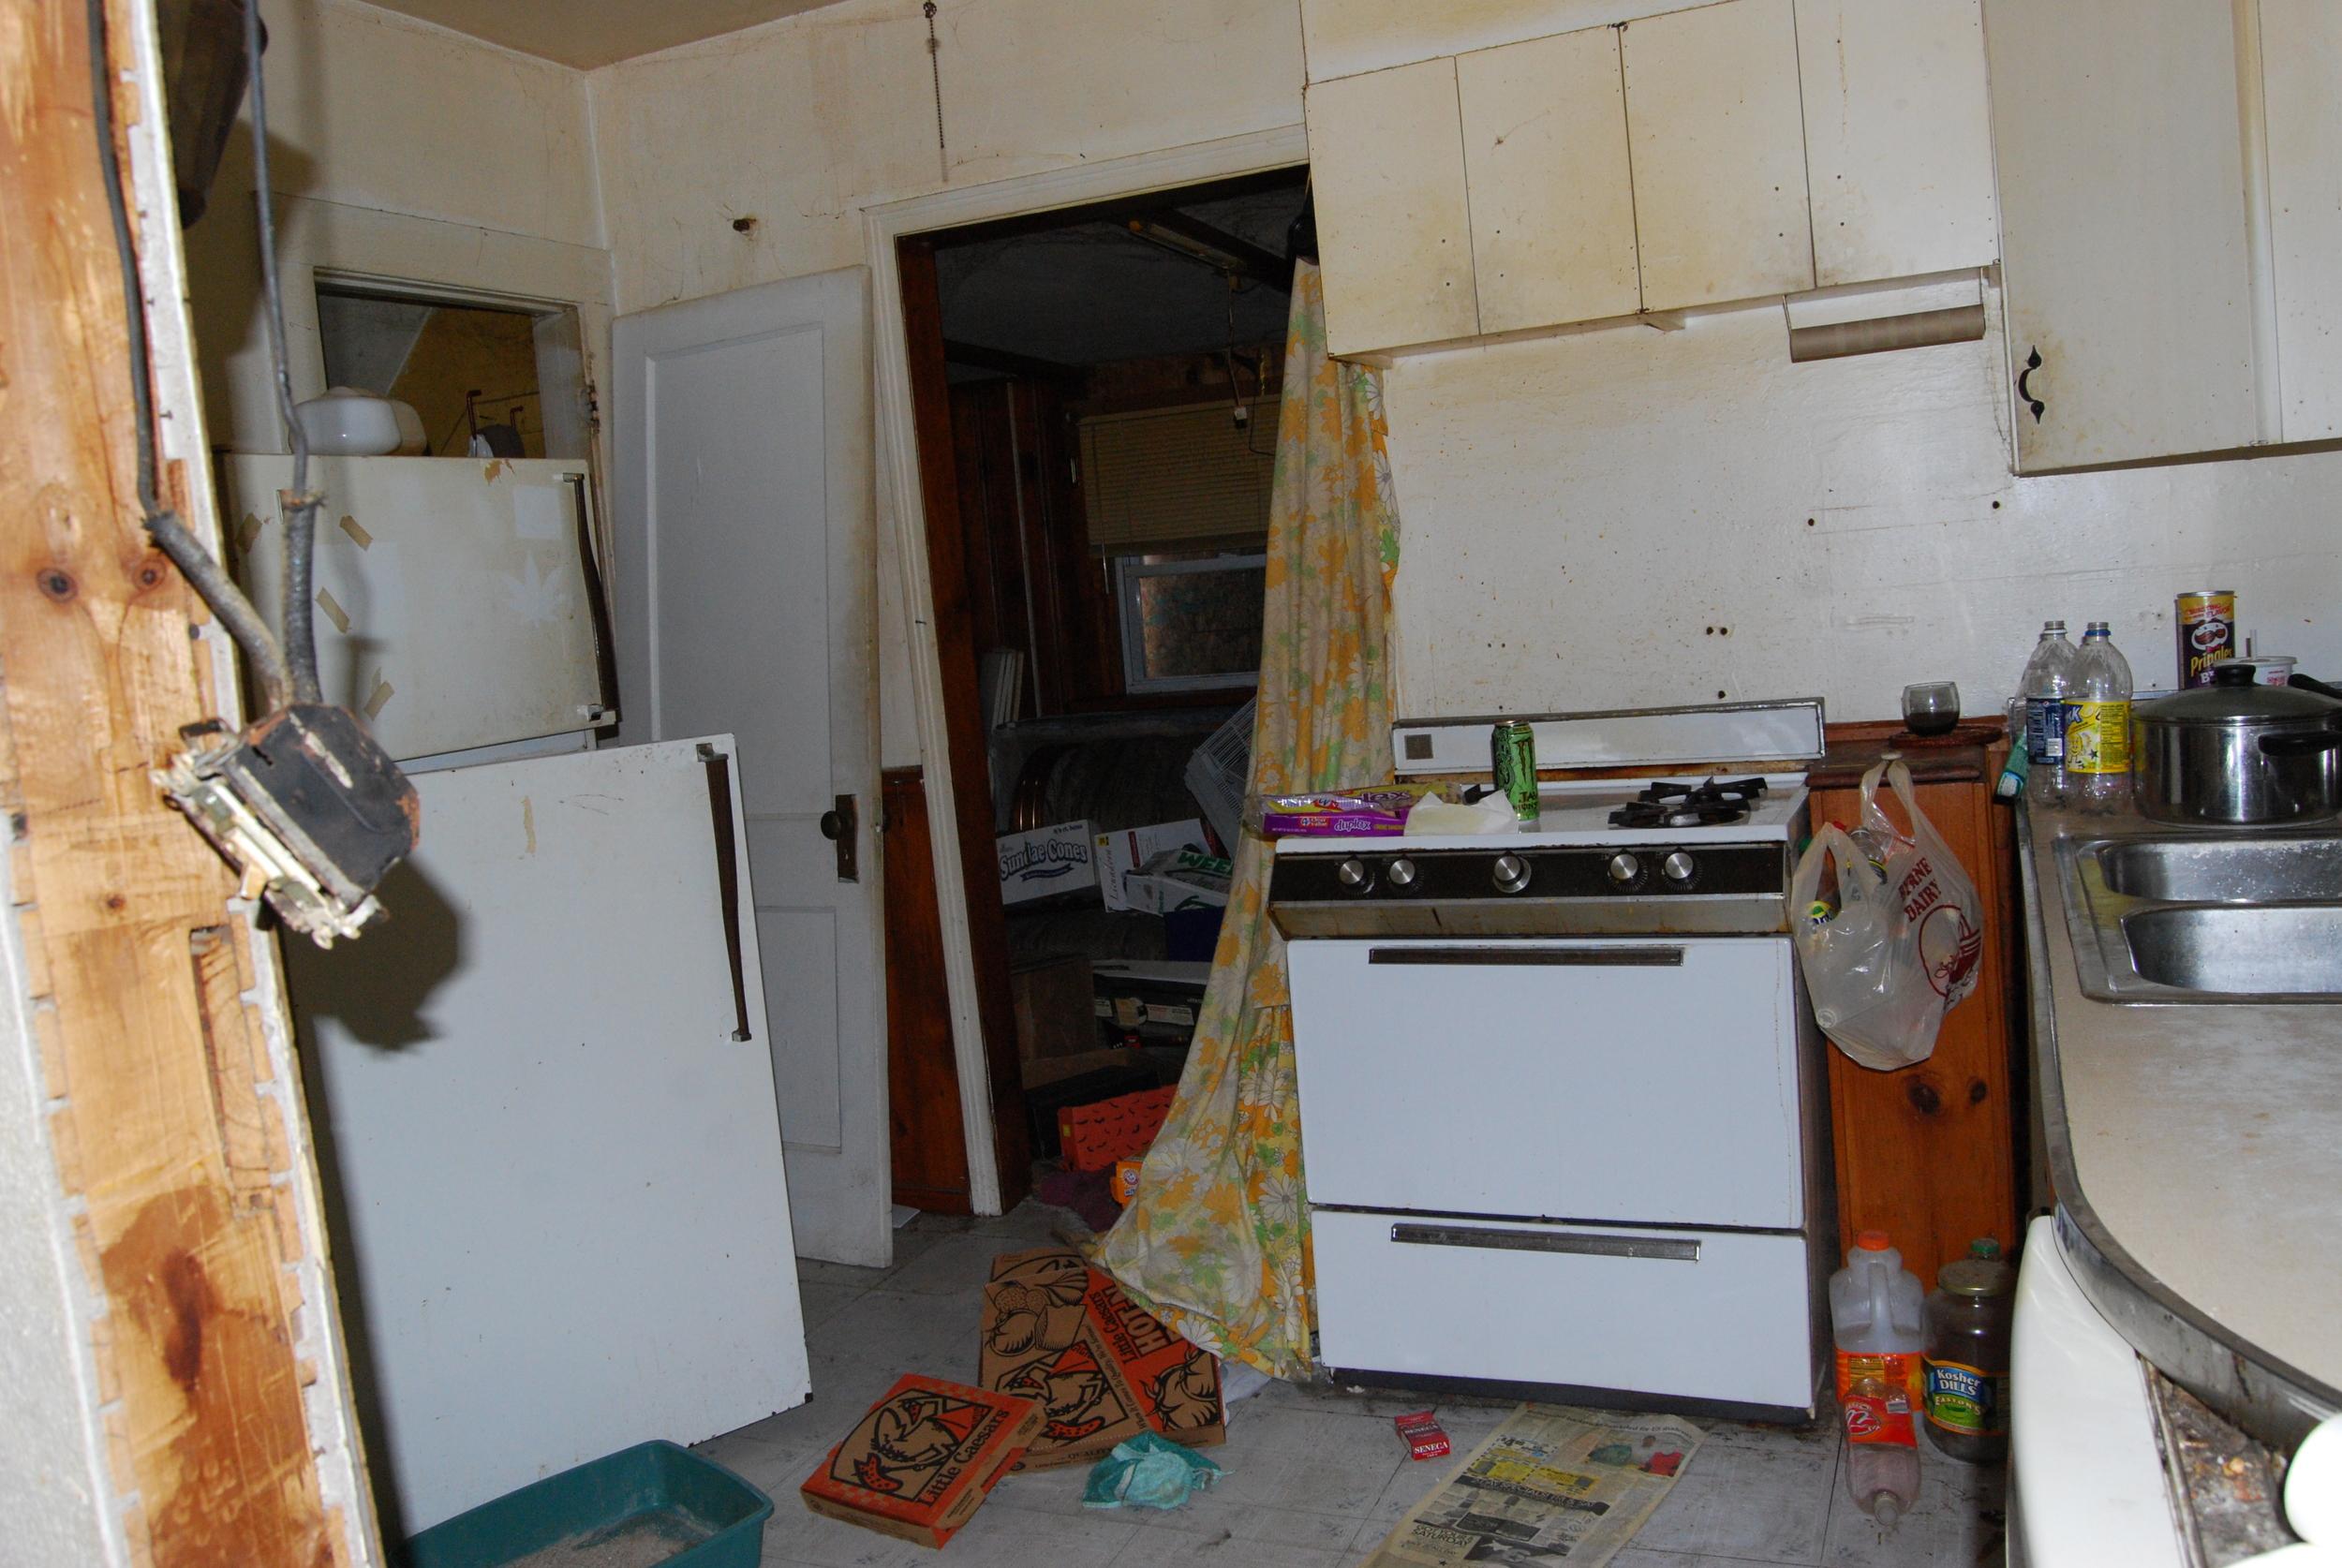 150 Culbert Kitchen 1 Before.JPG